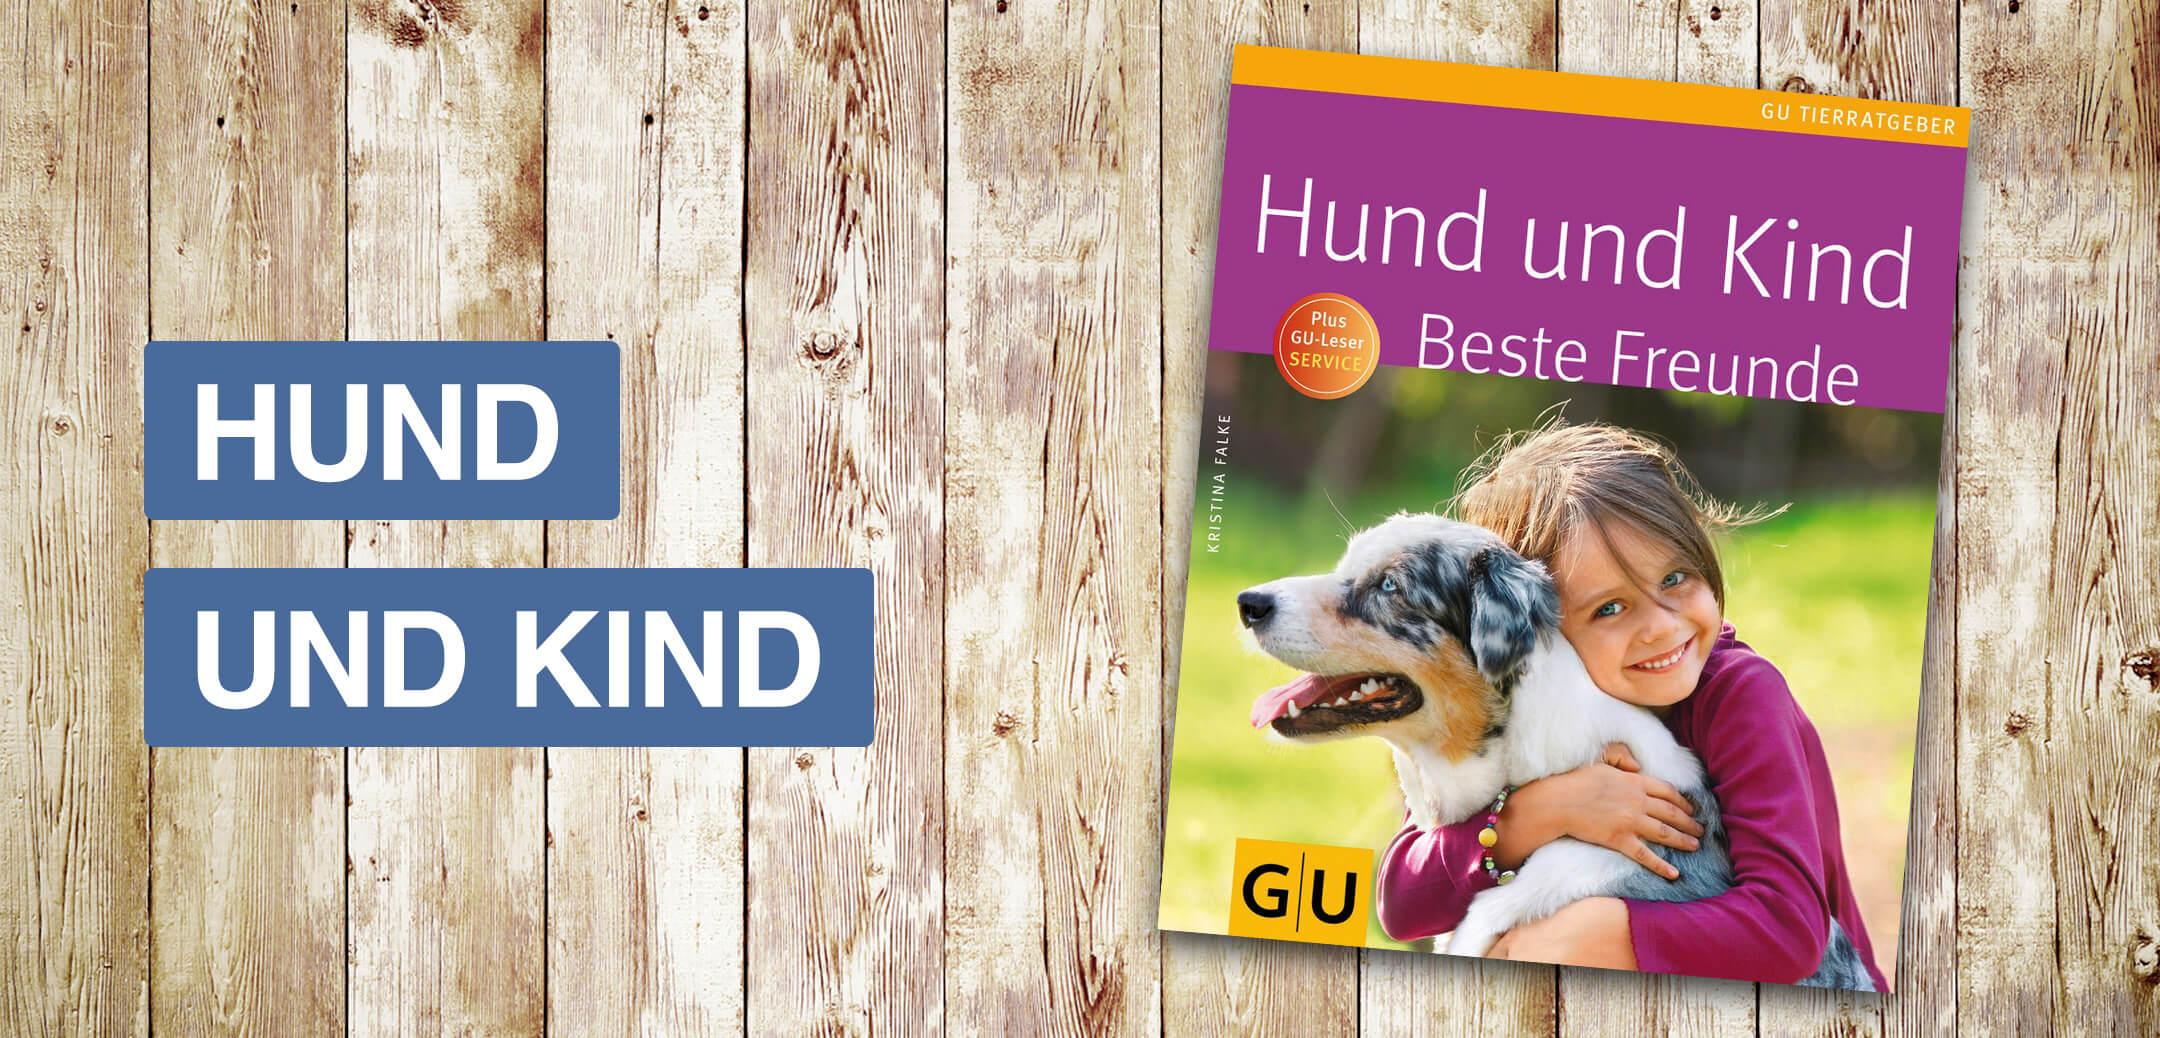 Hund und Kind Informationsseite Startbild